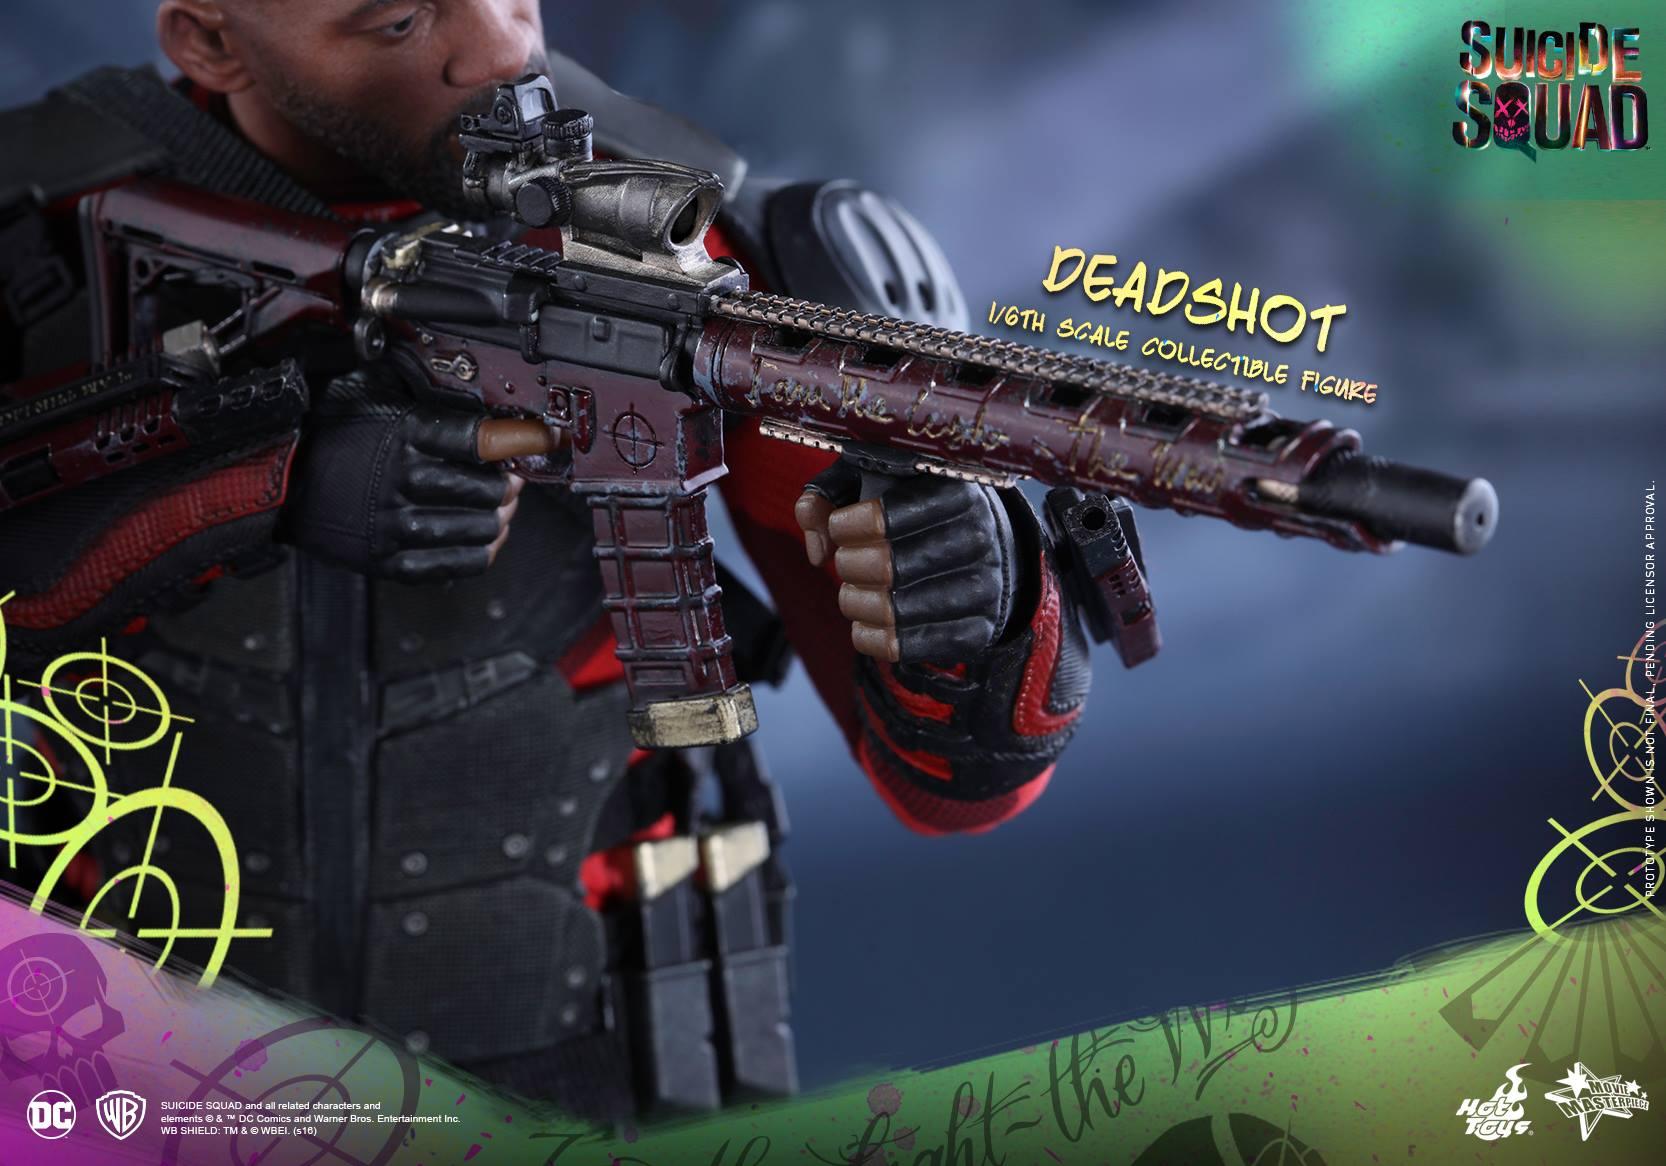 Hot-Toys-Suicide-Squad-Deadshot-16